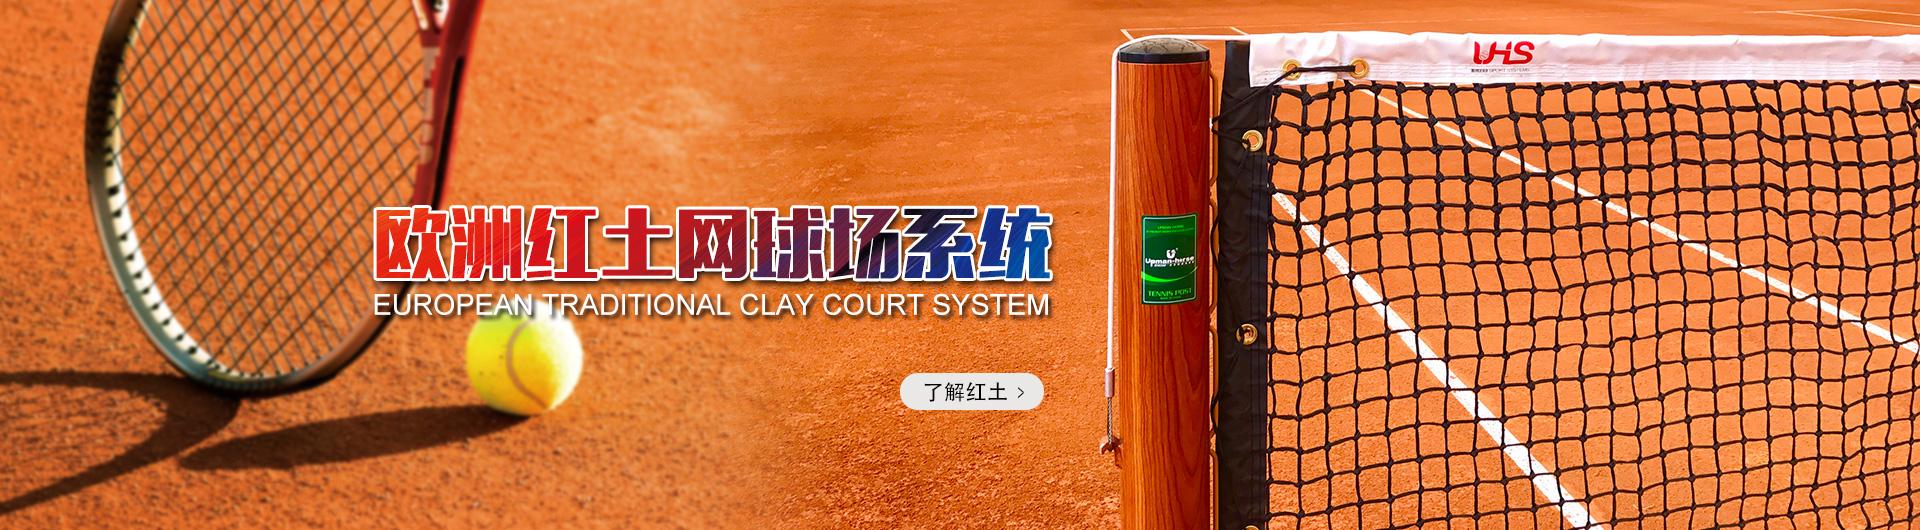 欧洲传统红土网球场系统